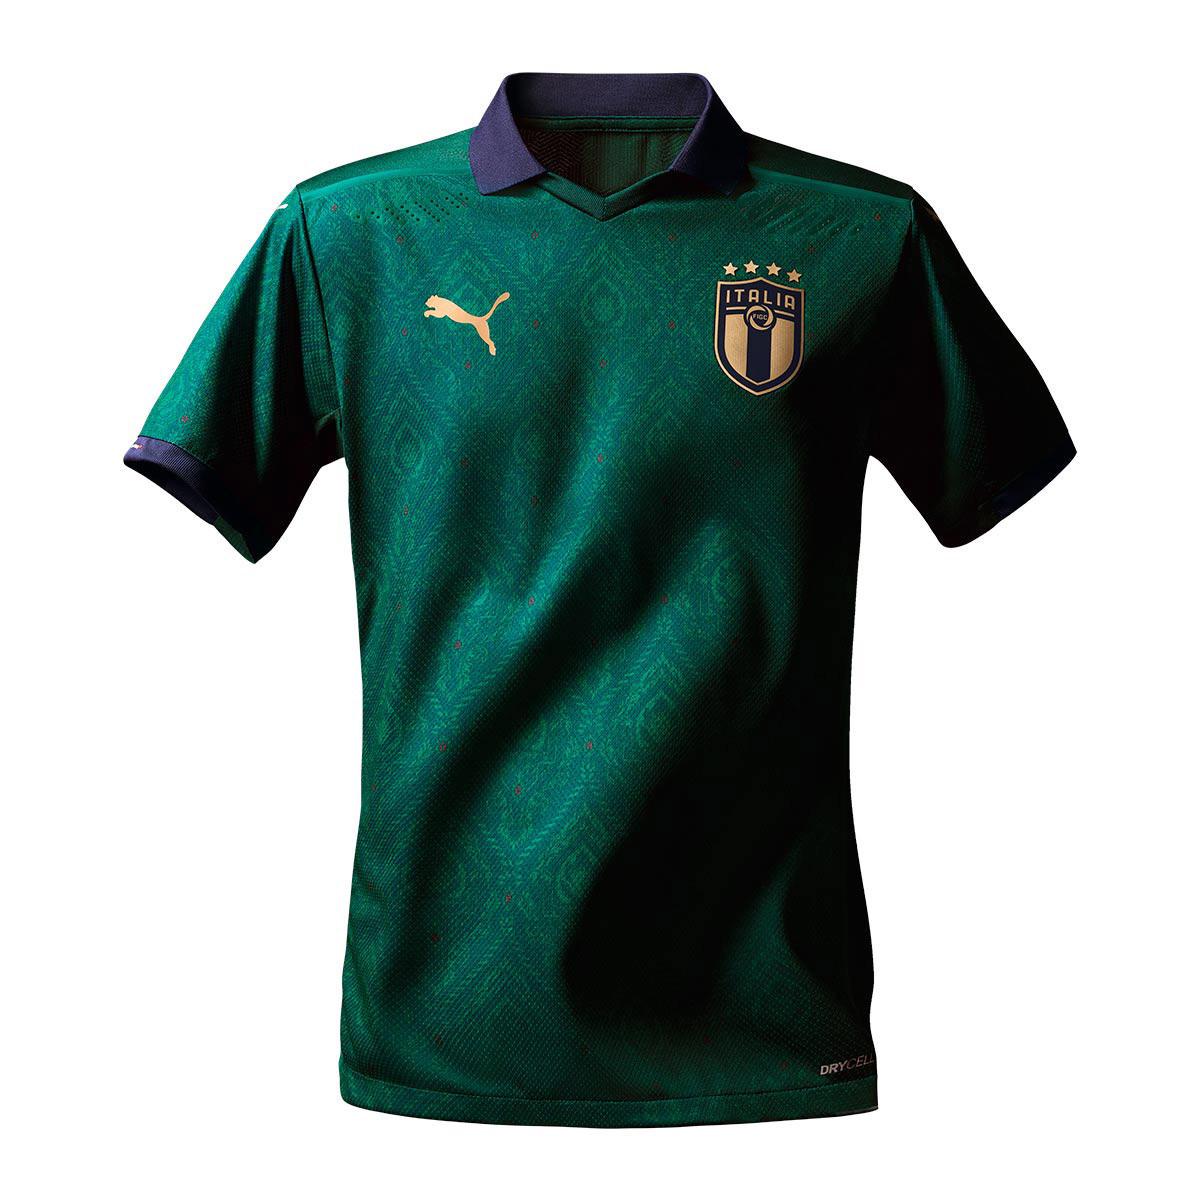 camiseta-puma-italia-tercera-equipacion-